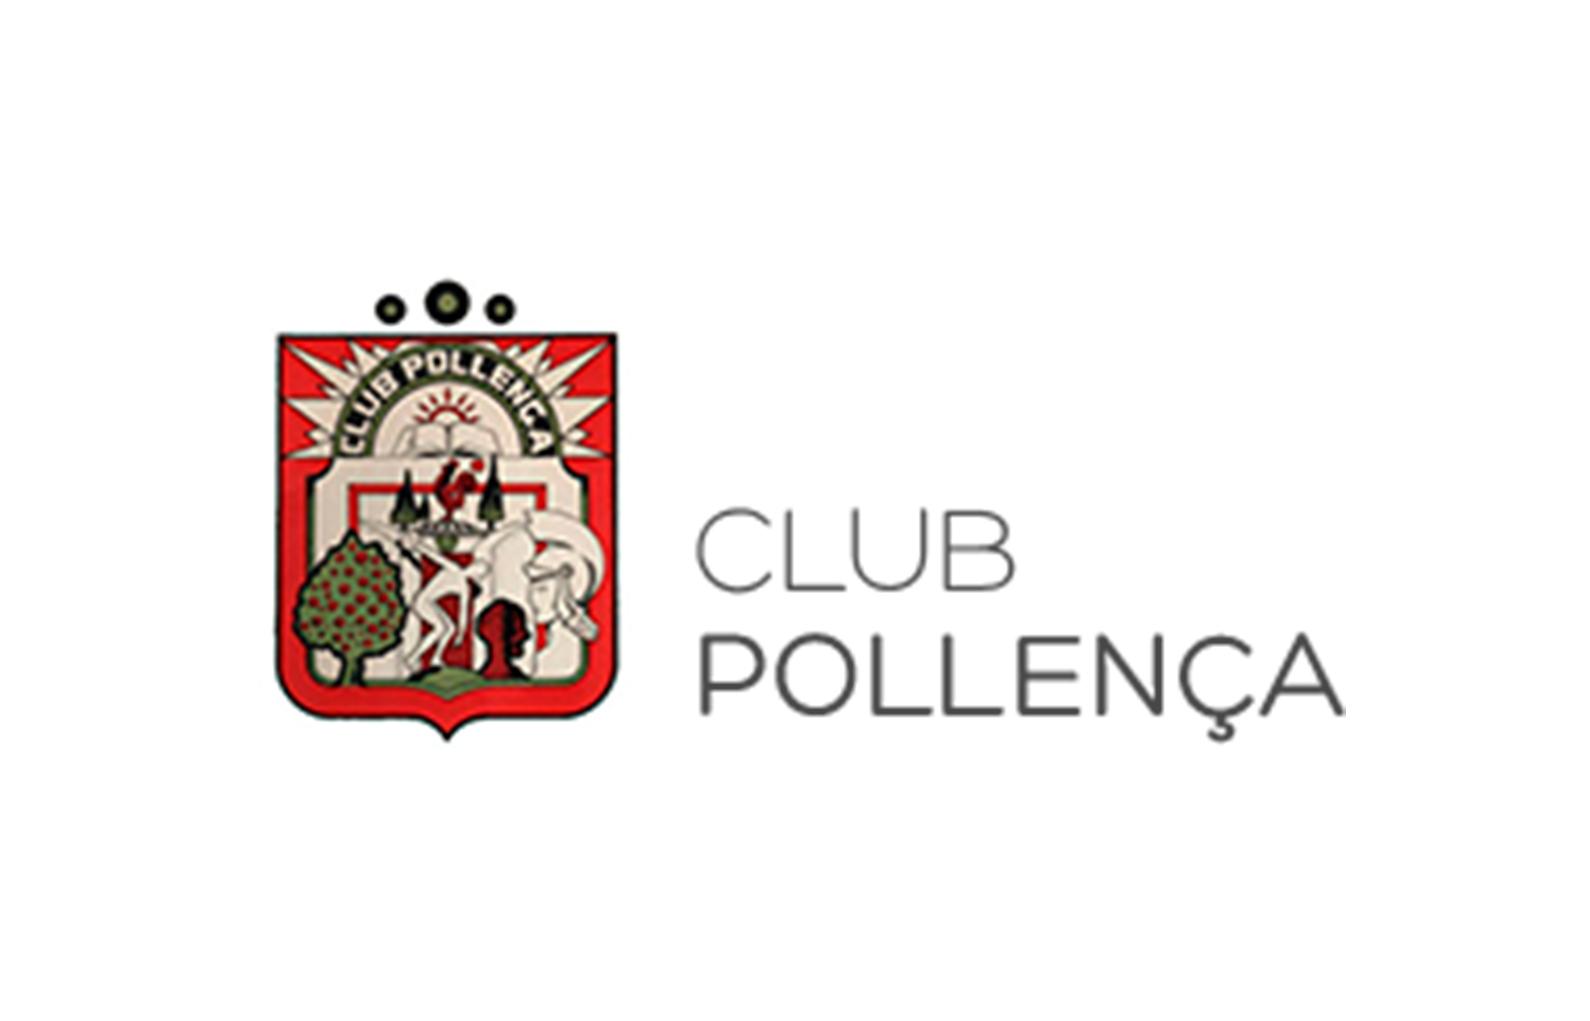 Club Pollença